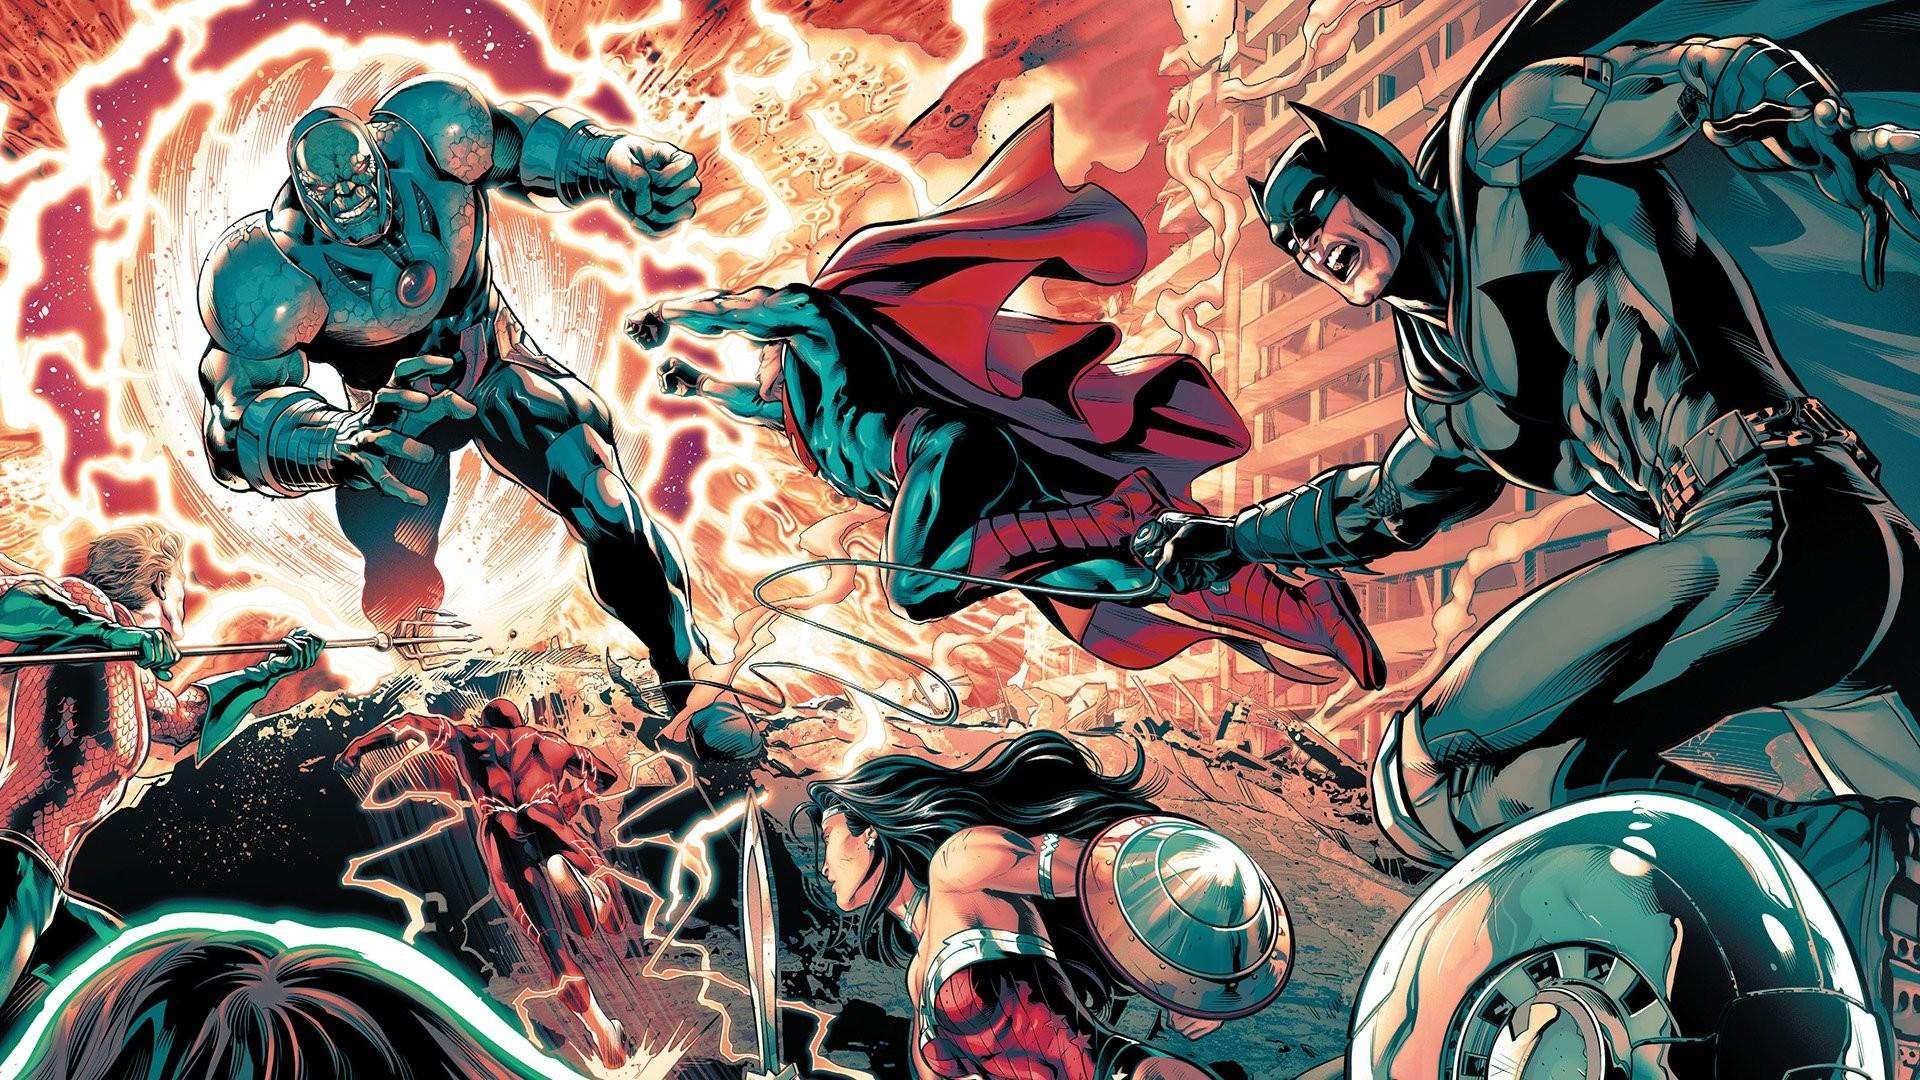 1920x1080, Comics - Justice League Vs Darkseid Comic - HD Wallpaper